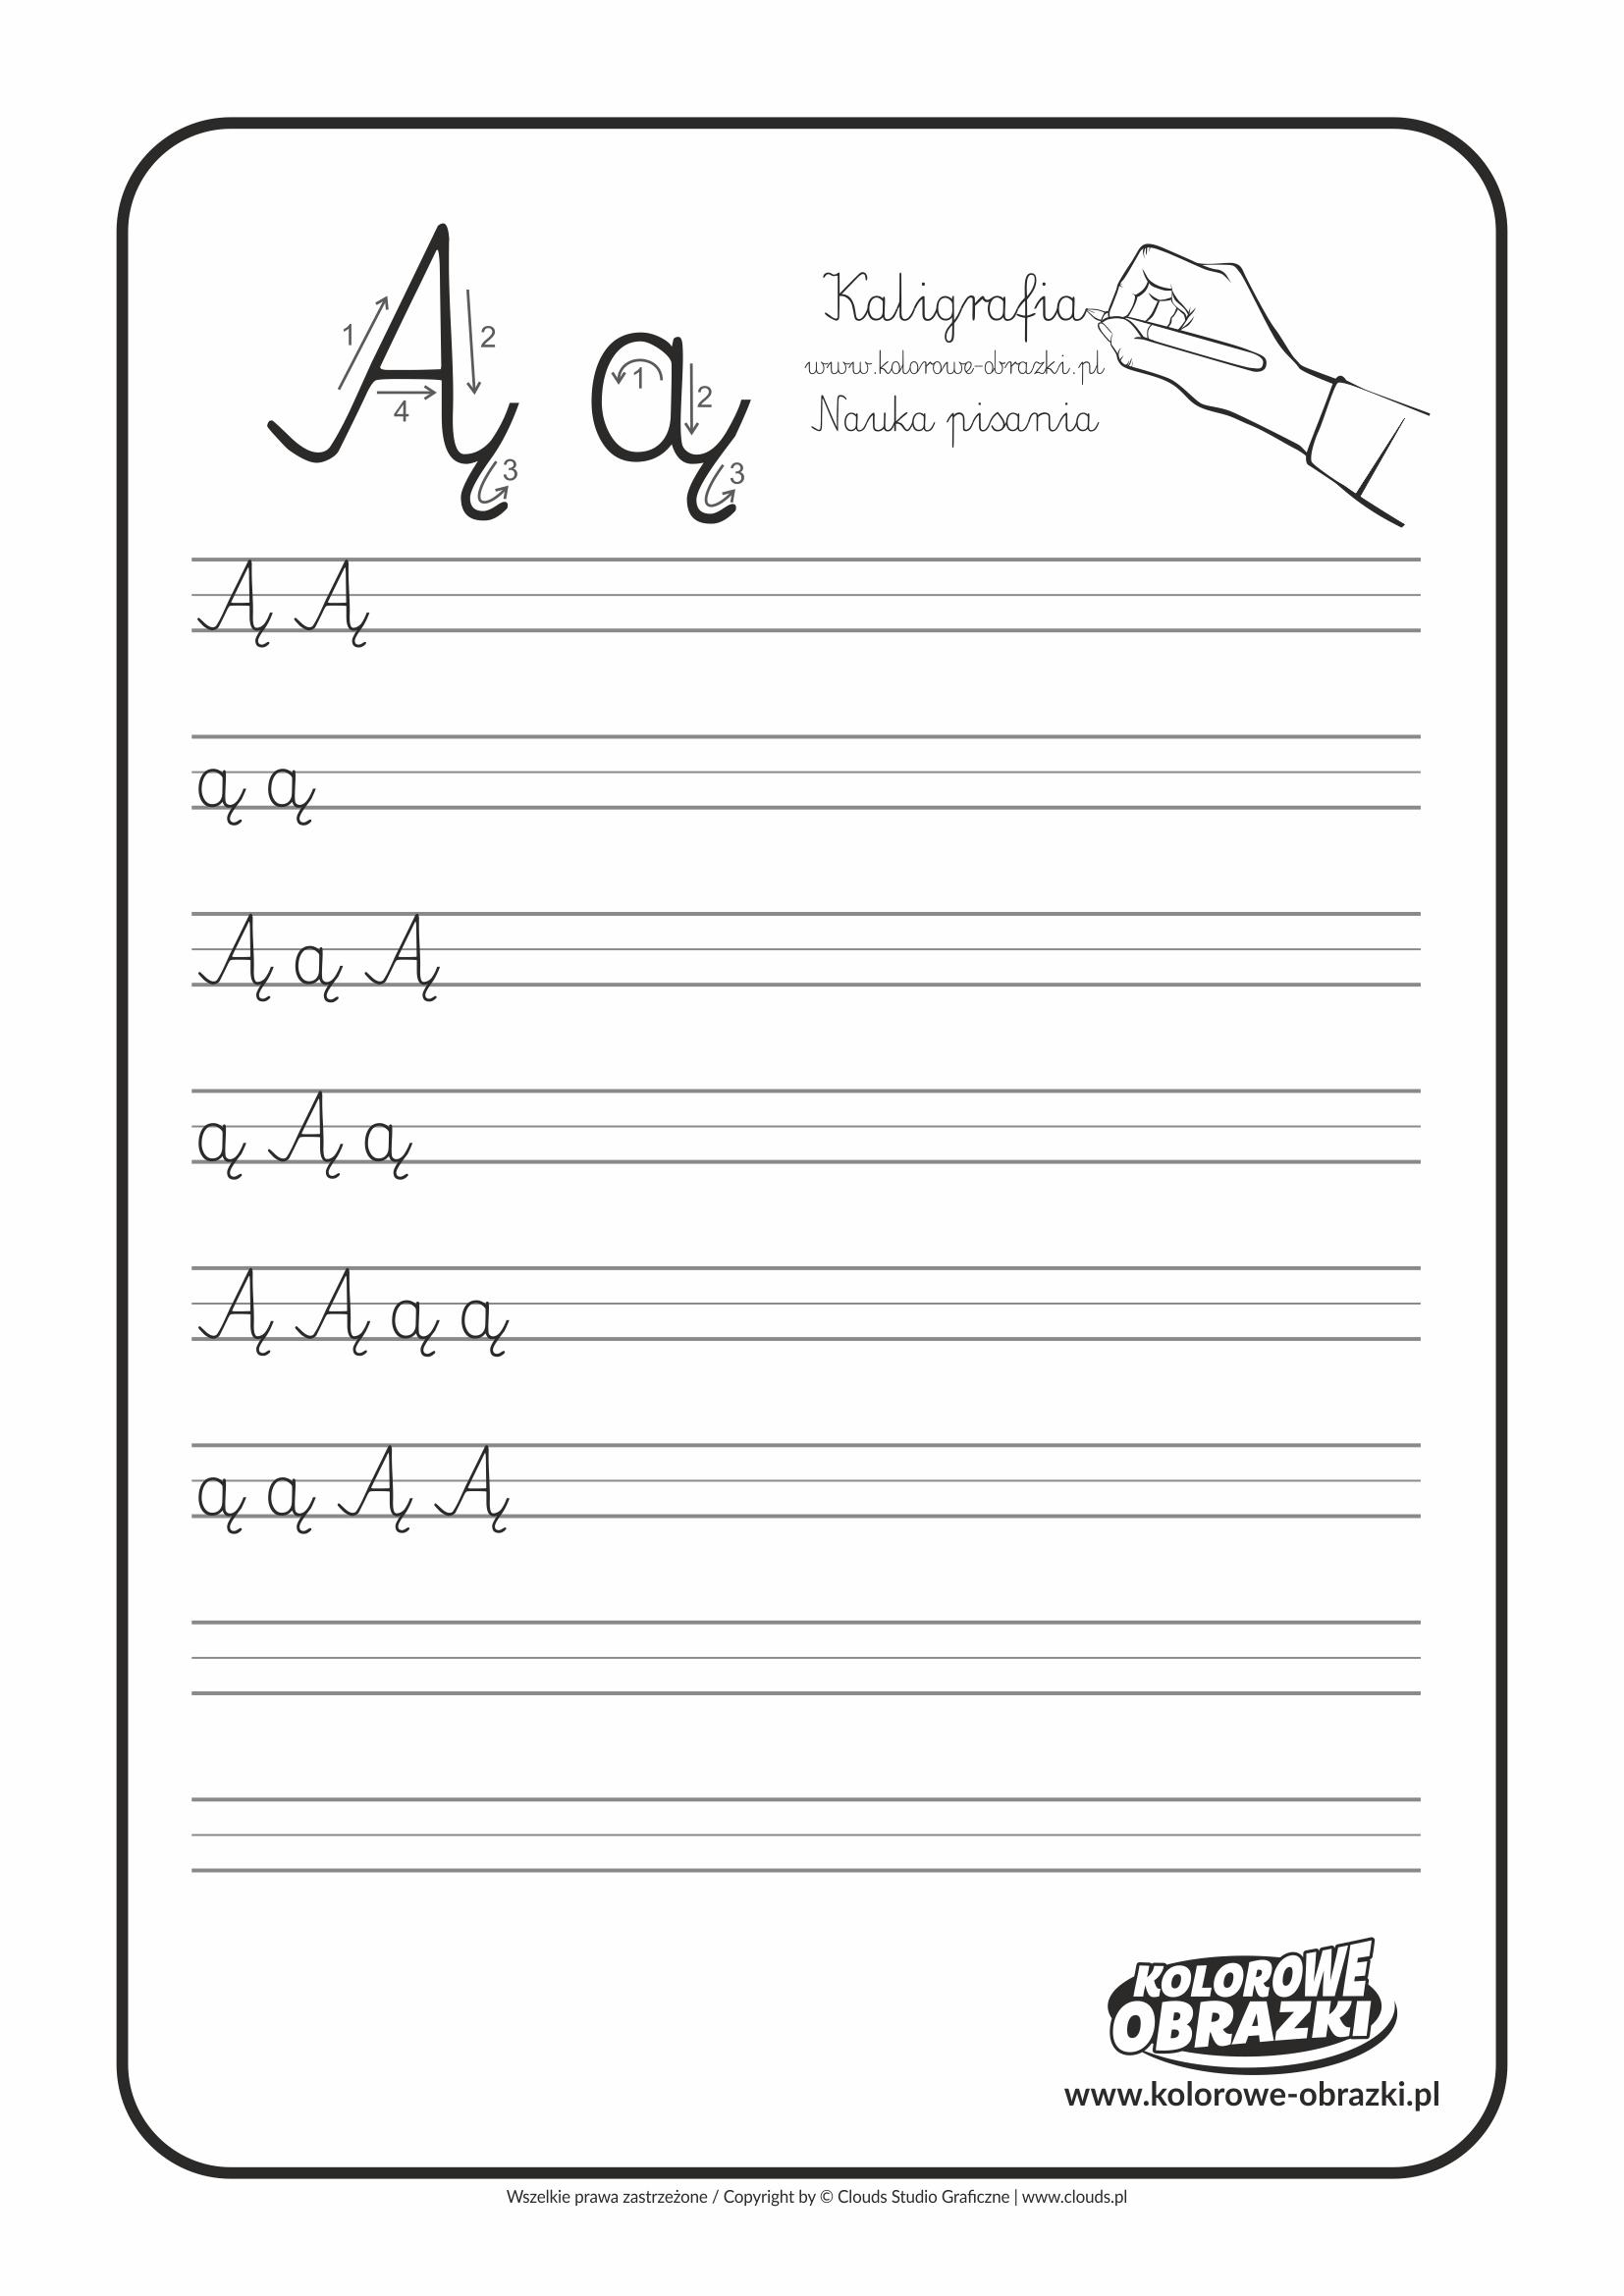 Kaligrafia dla dzieci - Ćwiczenia kaligraficzne / Litera Ą. Nauka pisania litery Ą